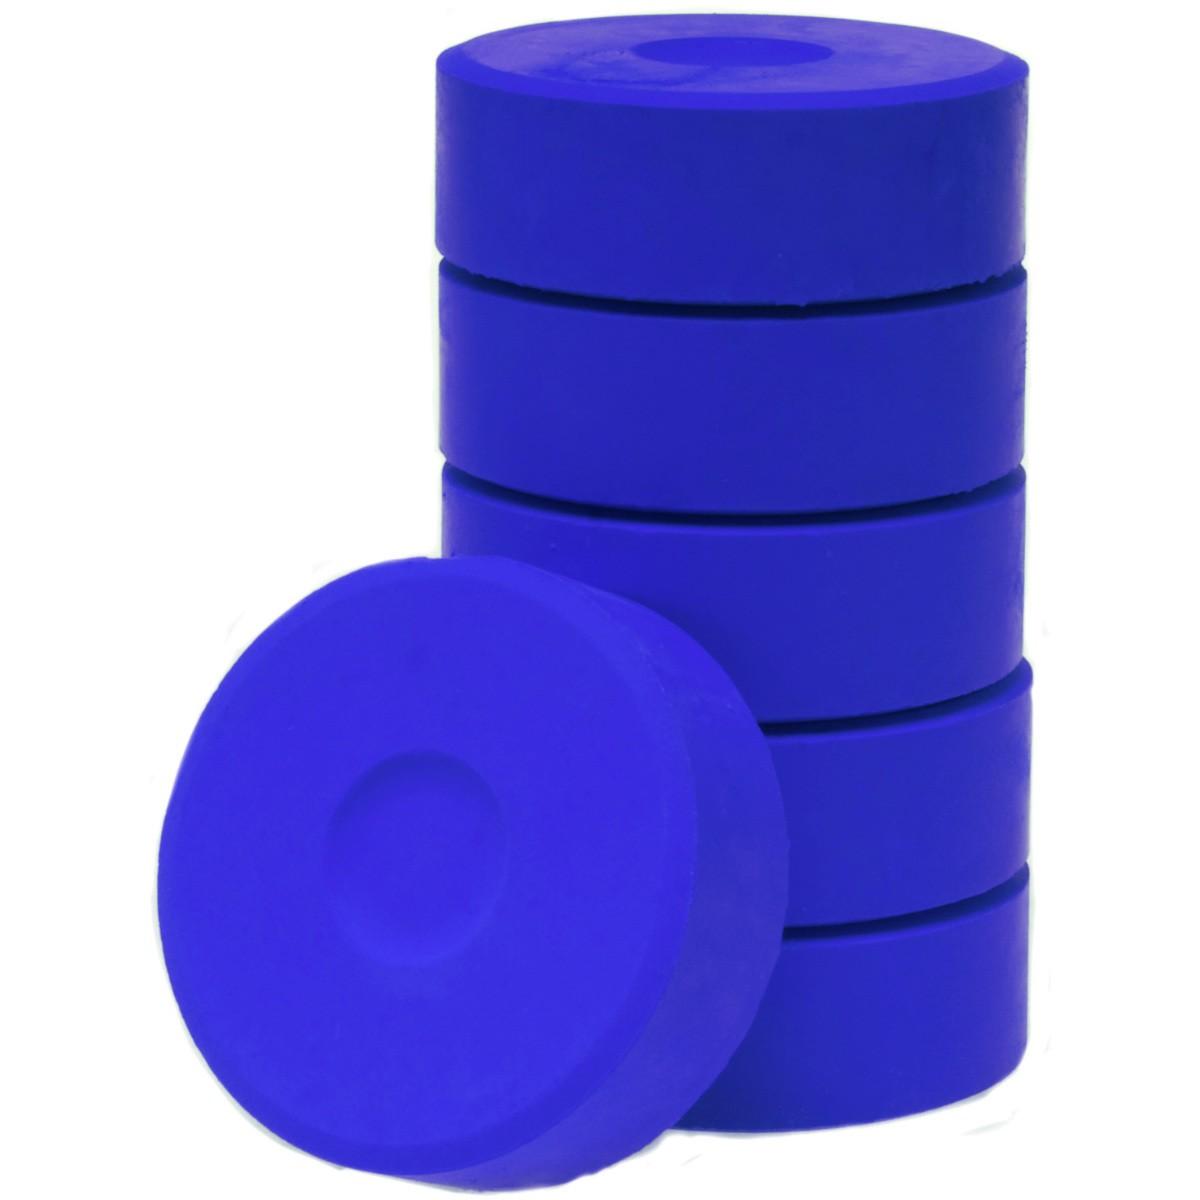 Tempera-Blöcke 44mm violett 6 Stück - hochwertige Tempera Farb Pucks / Farbtabletten